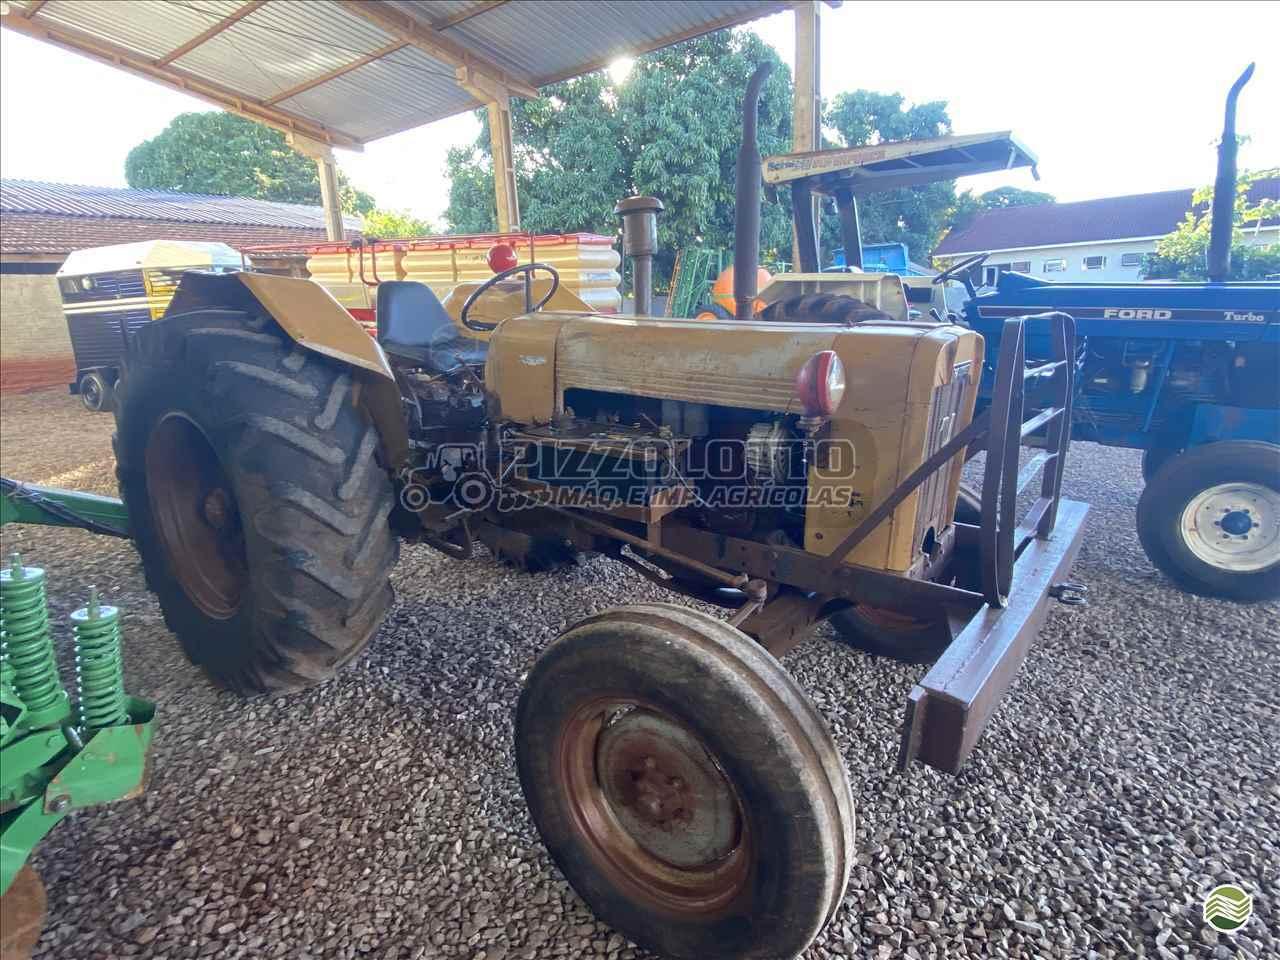 TRATOR VALMET VALMET 85 Tração 4x2 Pizzolotto Máquinas e Implementos Agricolas PALOTINA PARANÁ PR